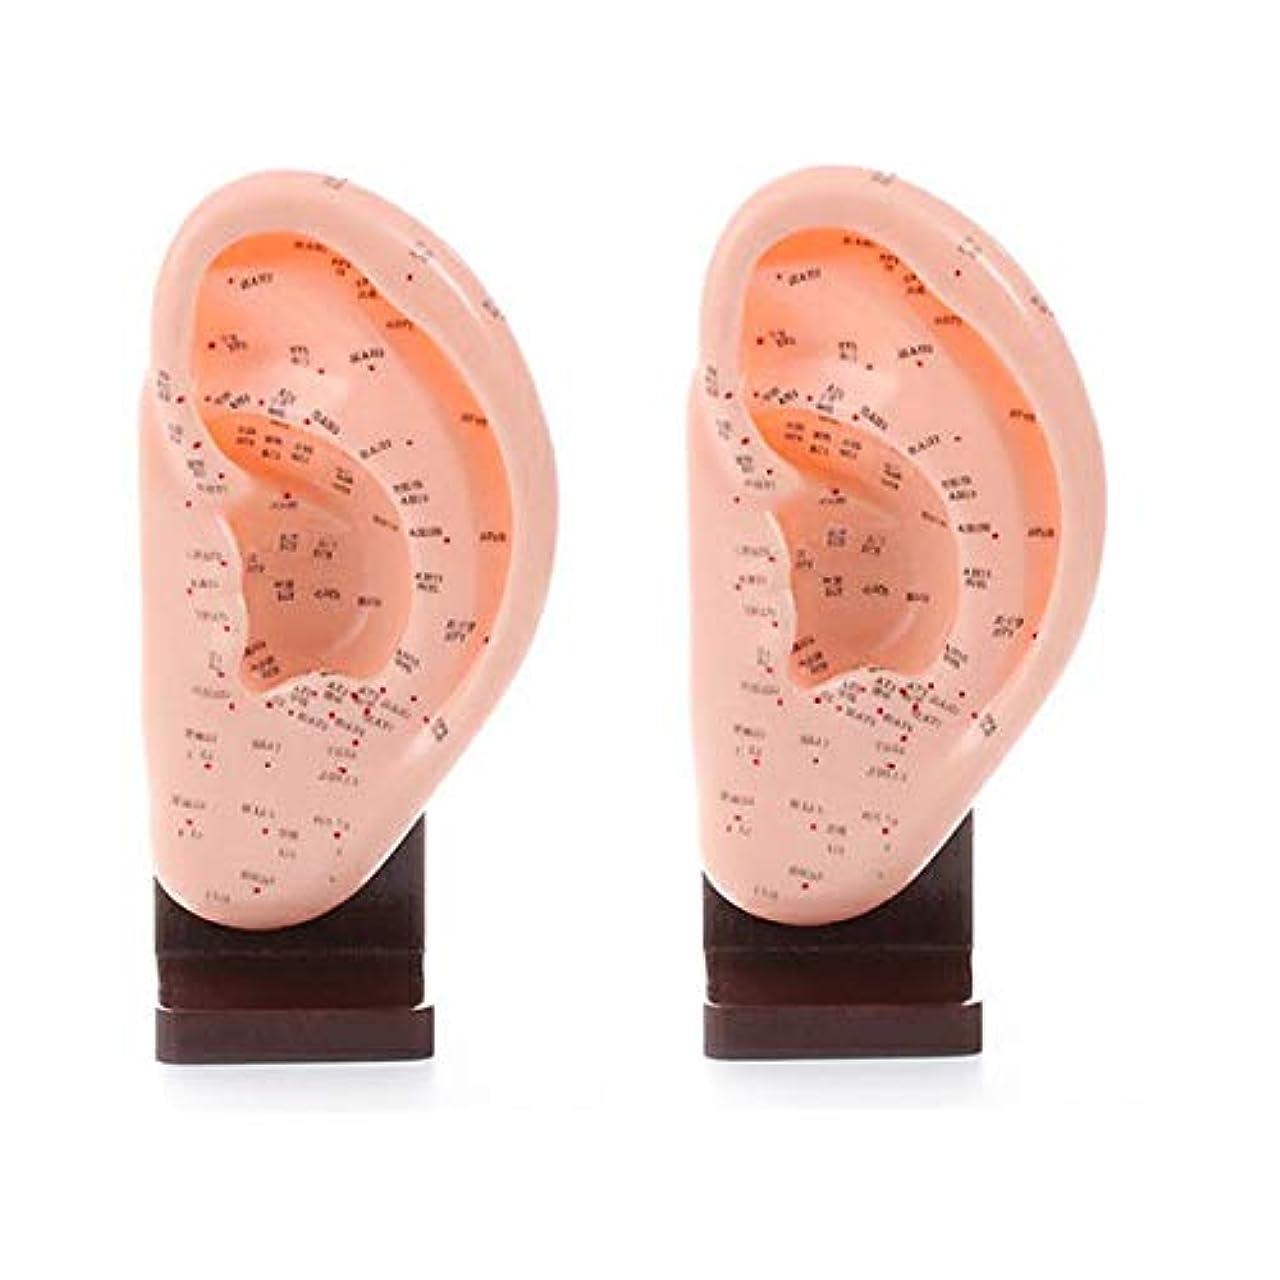 エレガント発見する小麦粉スタンド付き耳模型 幅120×高さ250×奥行65mm (2個セット) [ 練習用マネキン 練習用 耳経穴模型 耳ツボ 耳つぼ 人体 模型 耳 イヤー マネキン 整体院 鍼灸院 ]